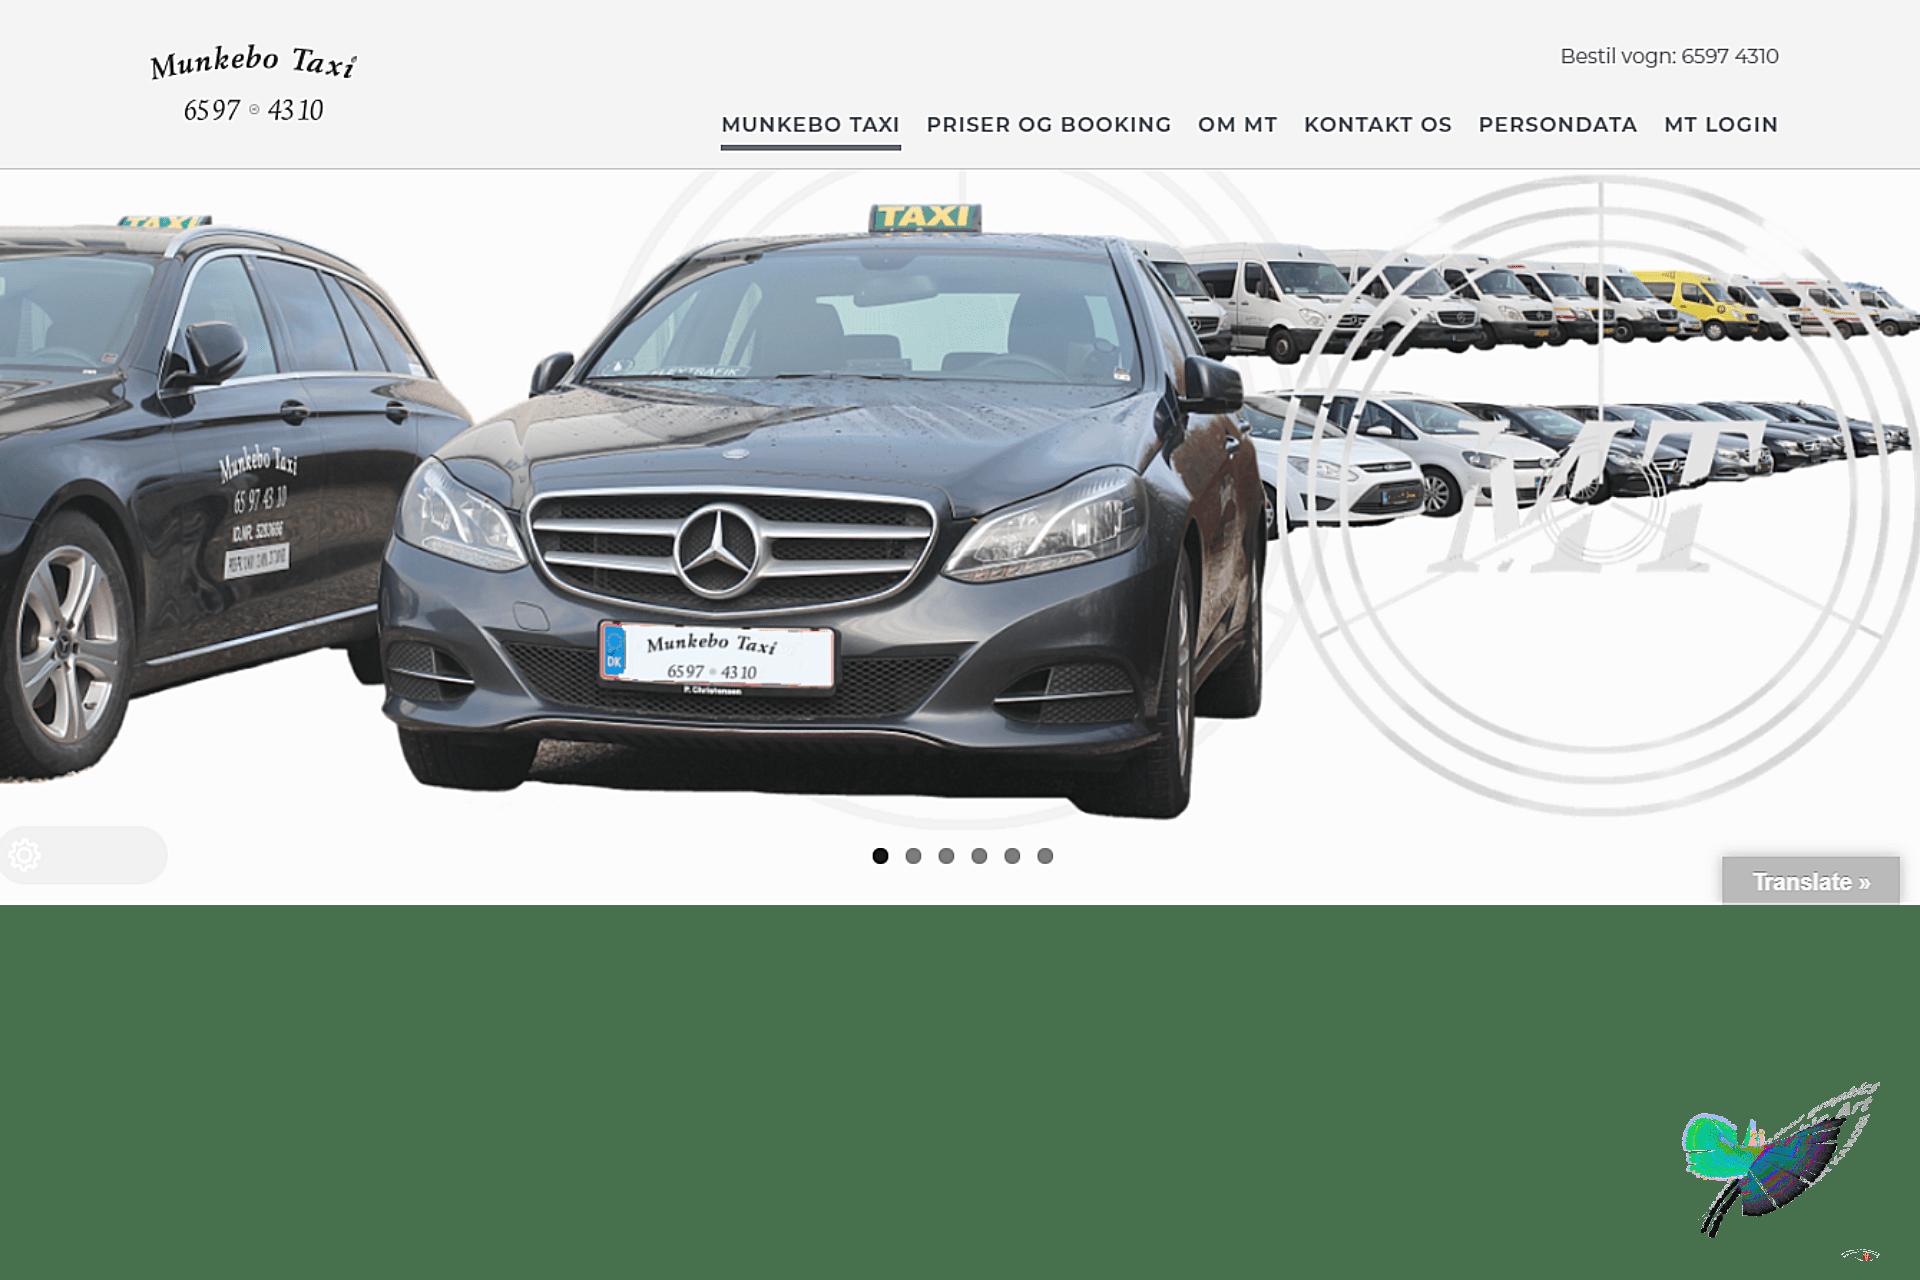 Munkebo Taxi eksempler hjemmeside, tekst, billeder. https://www.munkebotaxi.dk